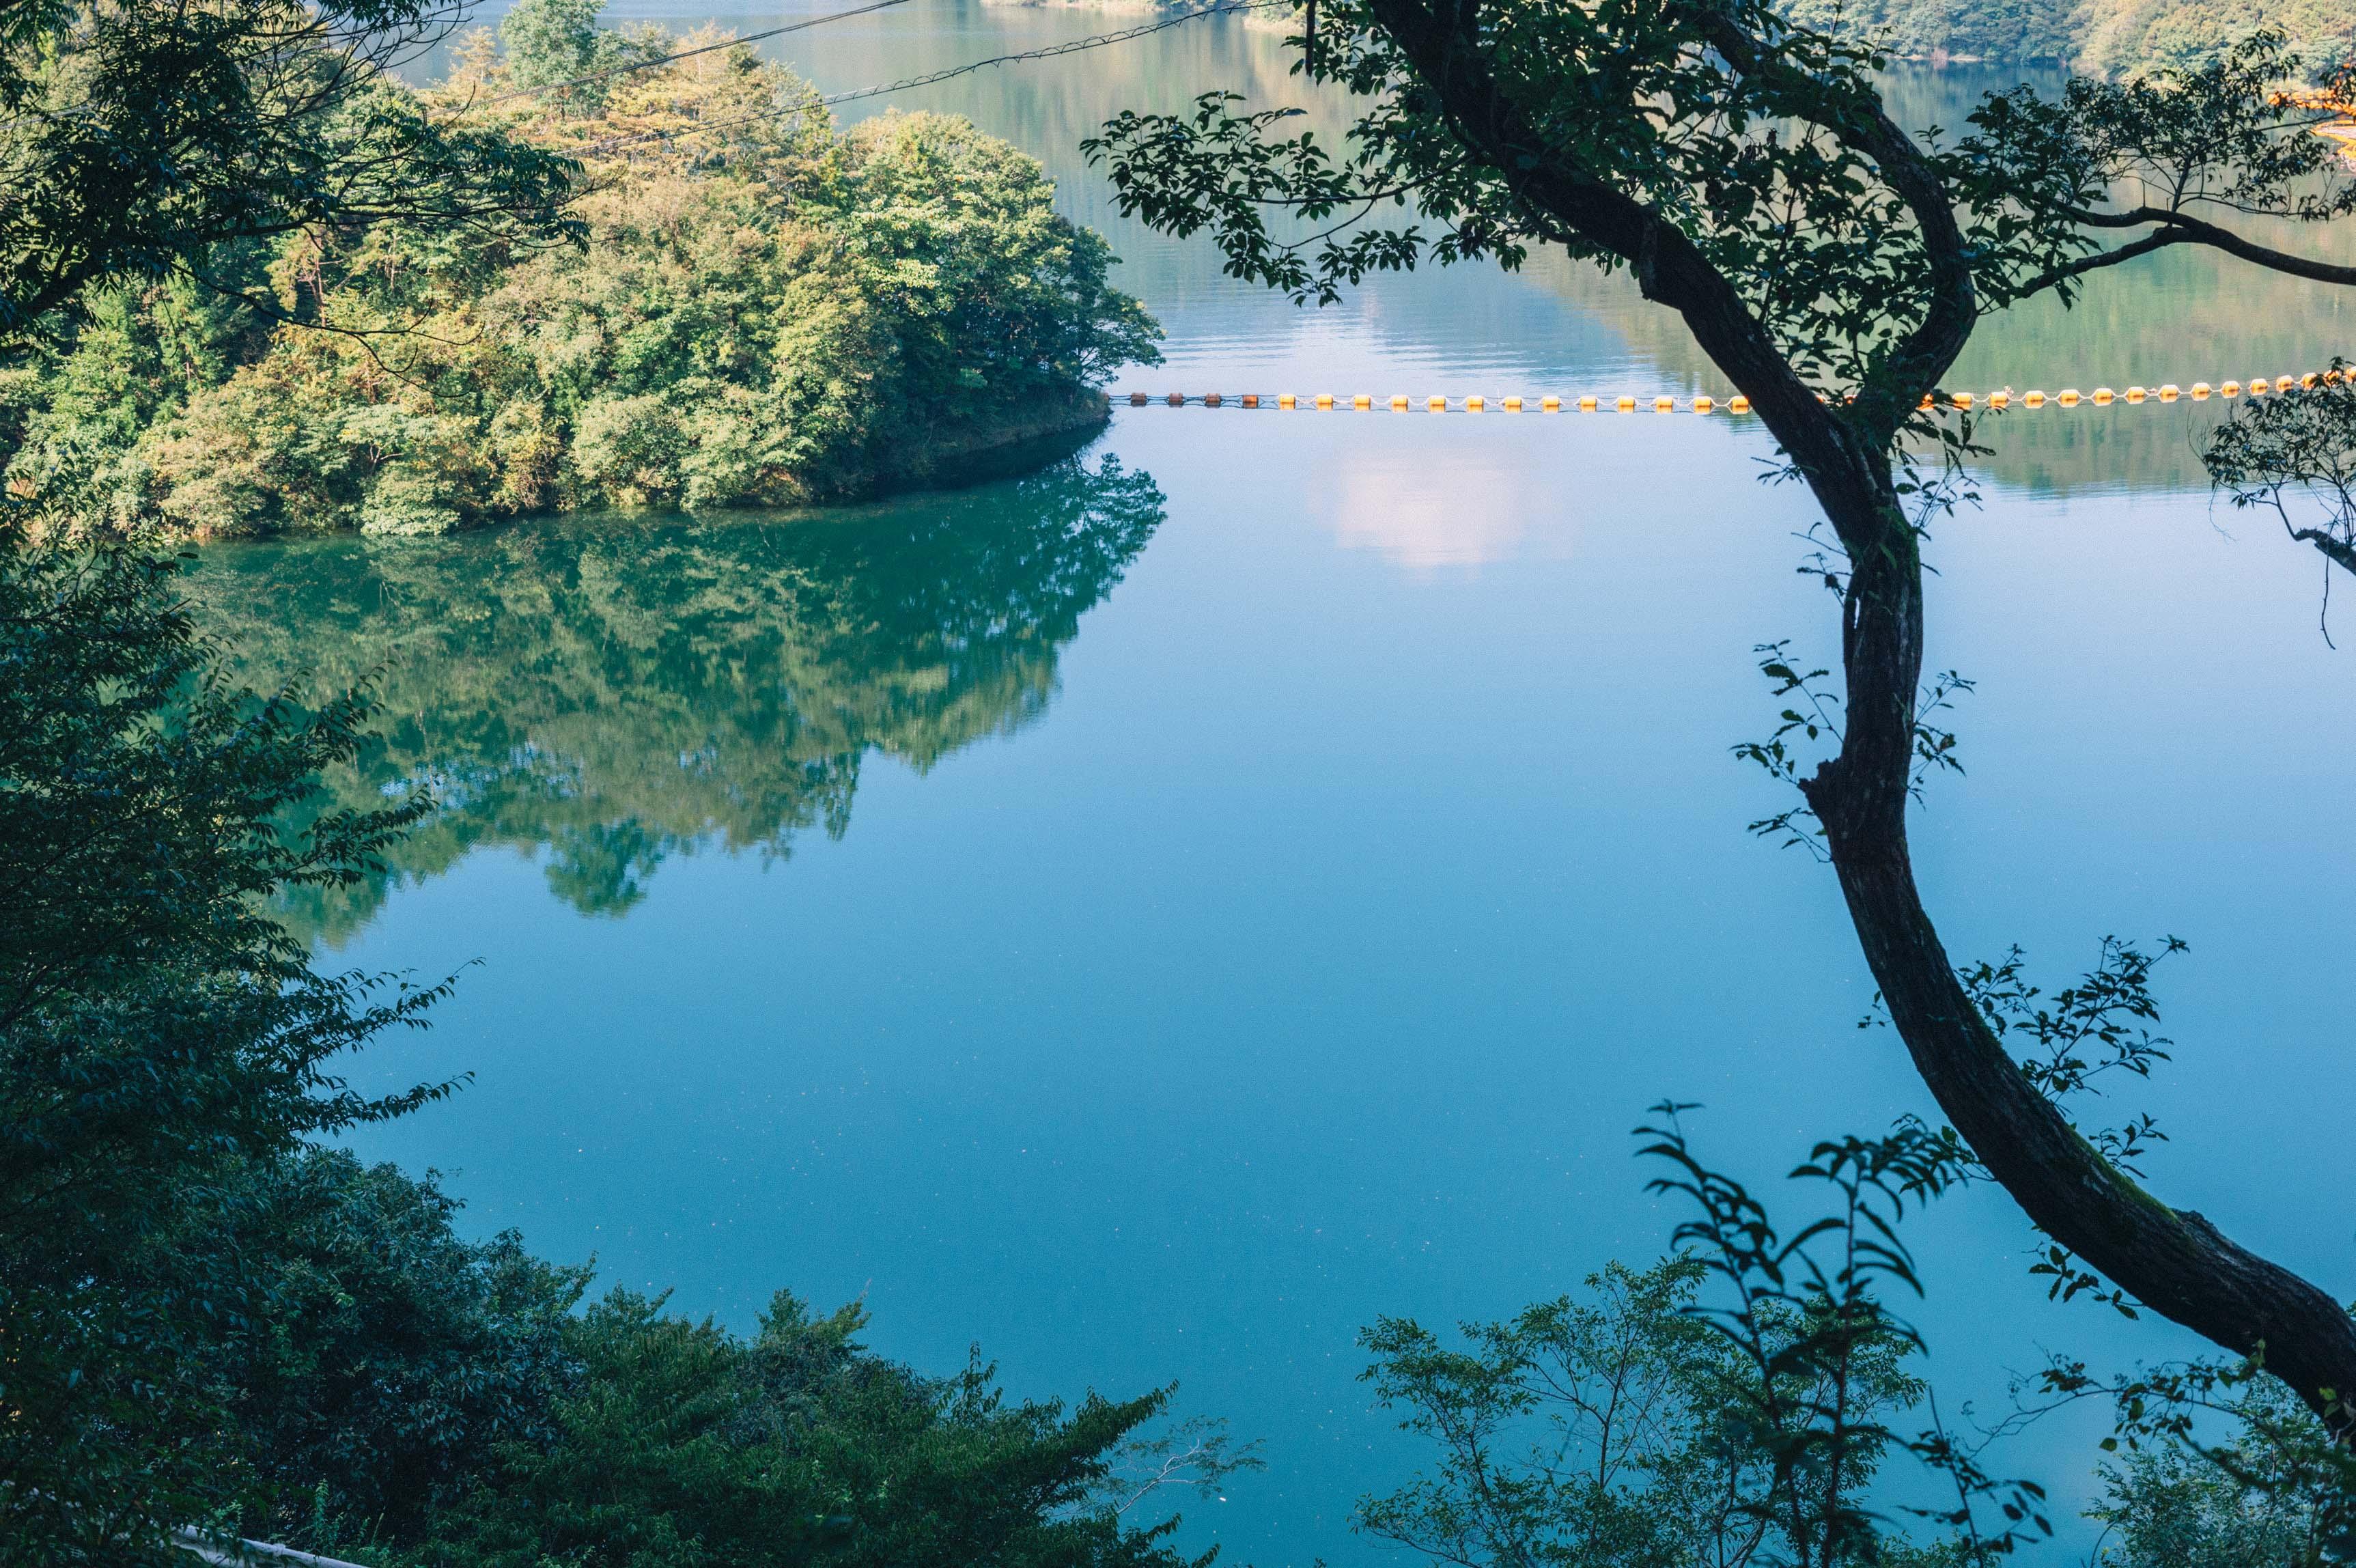 最も人口が少ない村、美しい村、三大鍾乳洞、高知県嶺北の魅力。【市町村一周の旅】